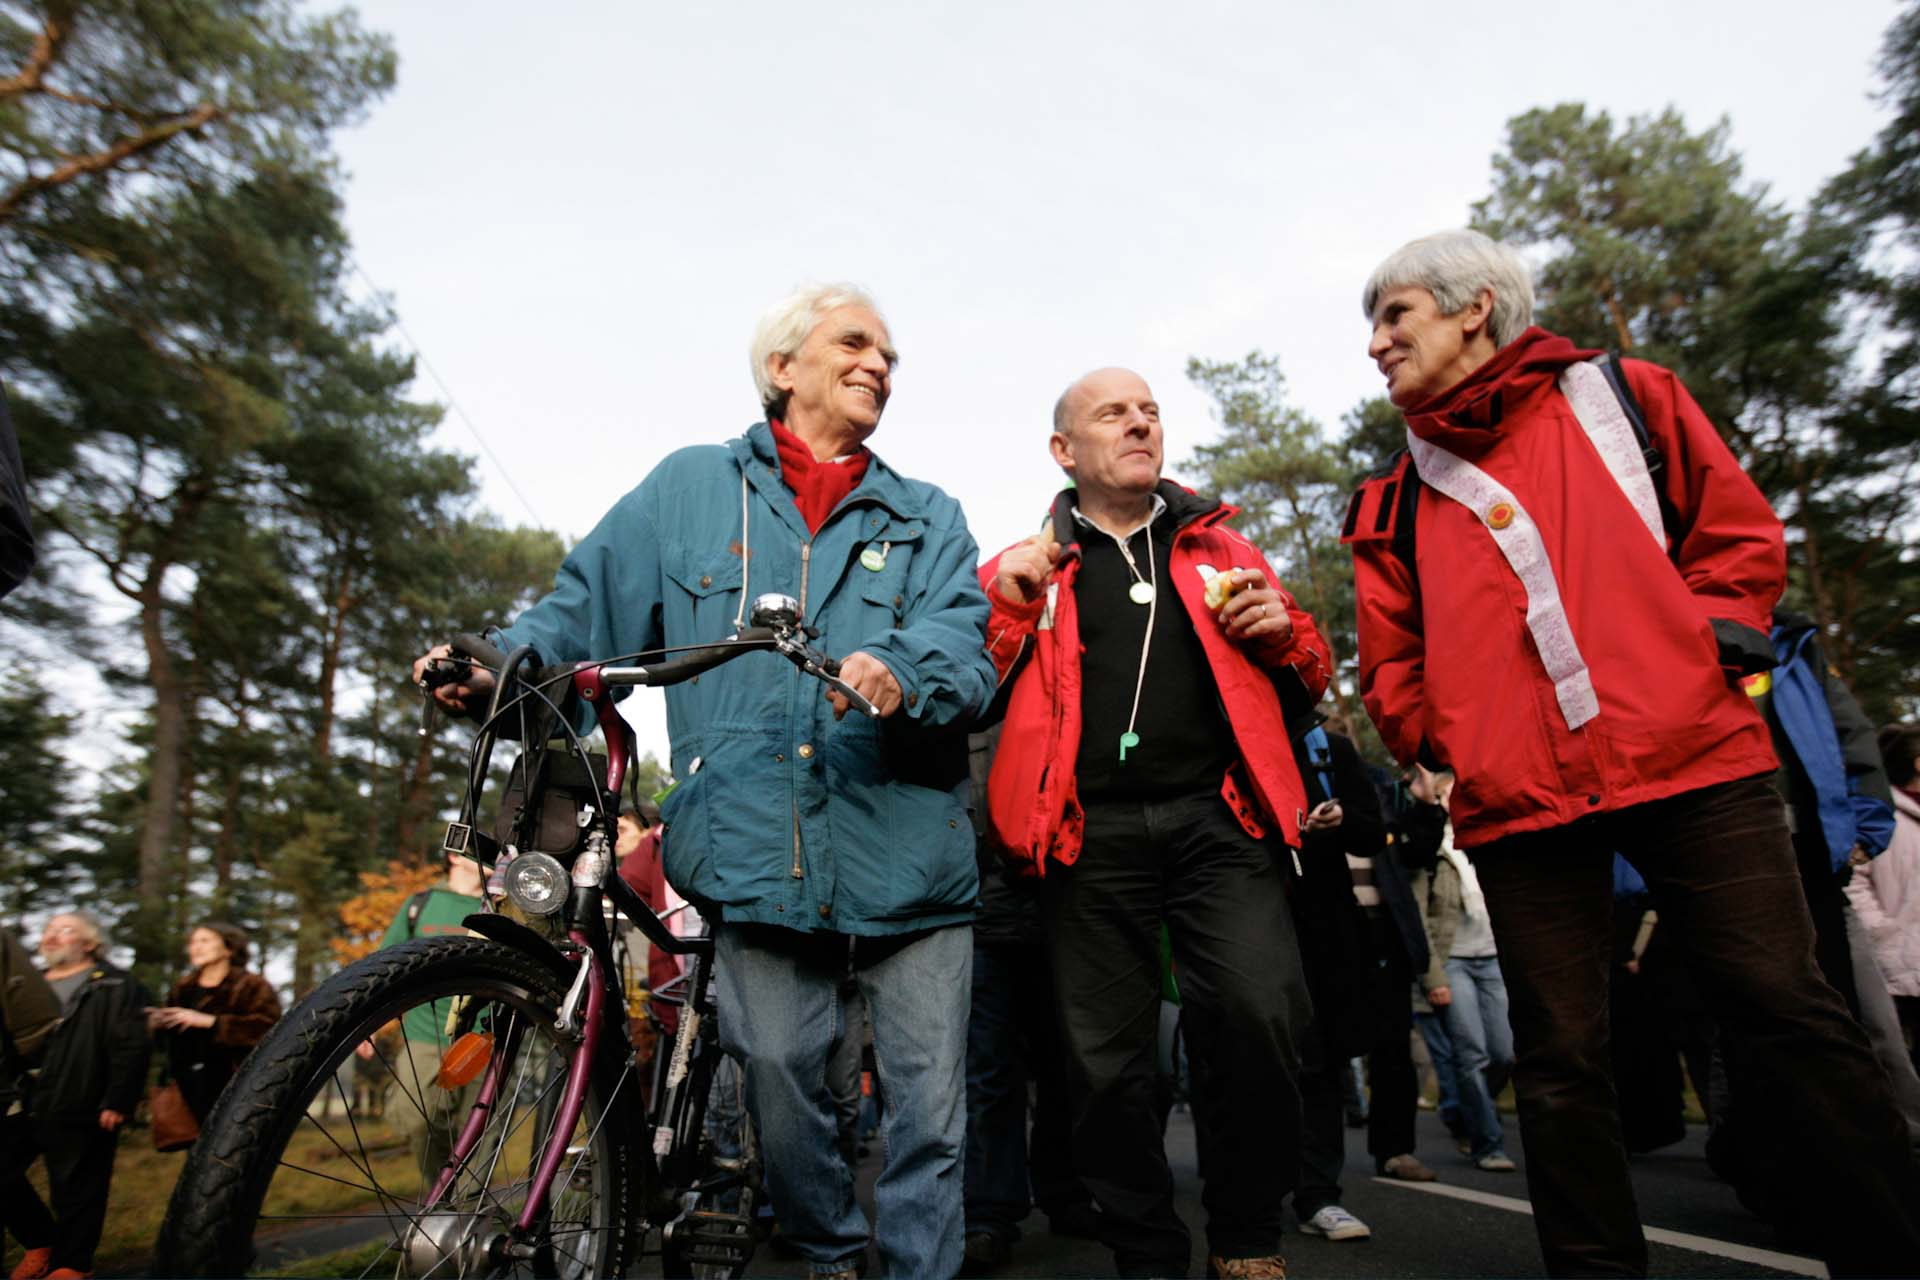 Auf der offiziellen Demonstration von Bündnis 90/Die Grünen 2008 in Gorleben. Hans-Christian Stroebele, der im Herbst 2009 sein Direktmandat in Kreuzberg-Friedrichshain zum dritten Mal verteidigt hat, ist mit seinem eigenen Rad angereist. Daneben Winfried Hermann, der heutige Verkehrsminister von Baden-Württemberg.